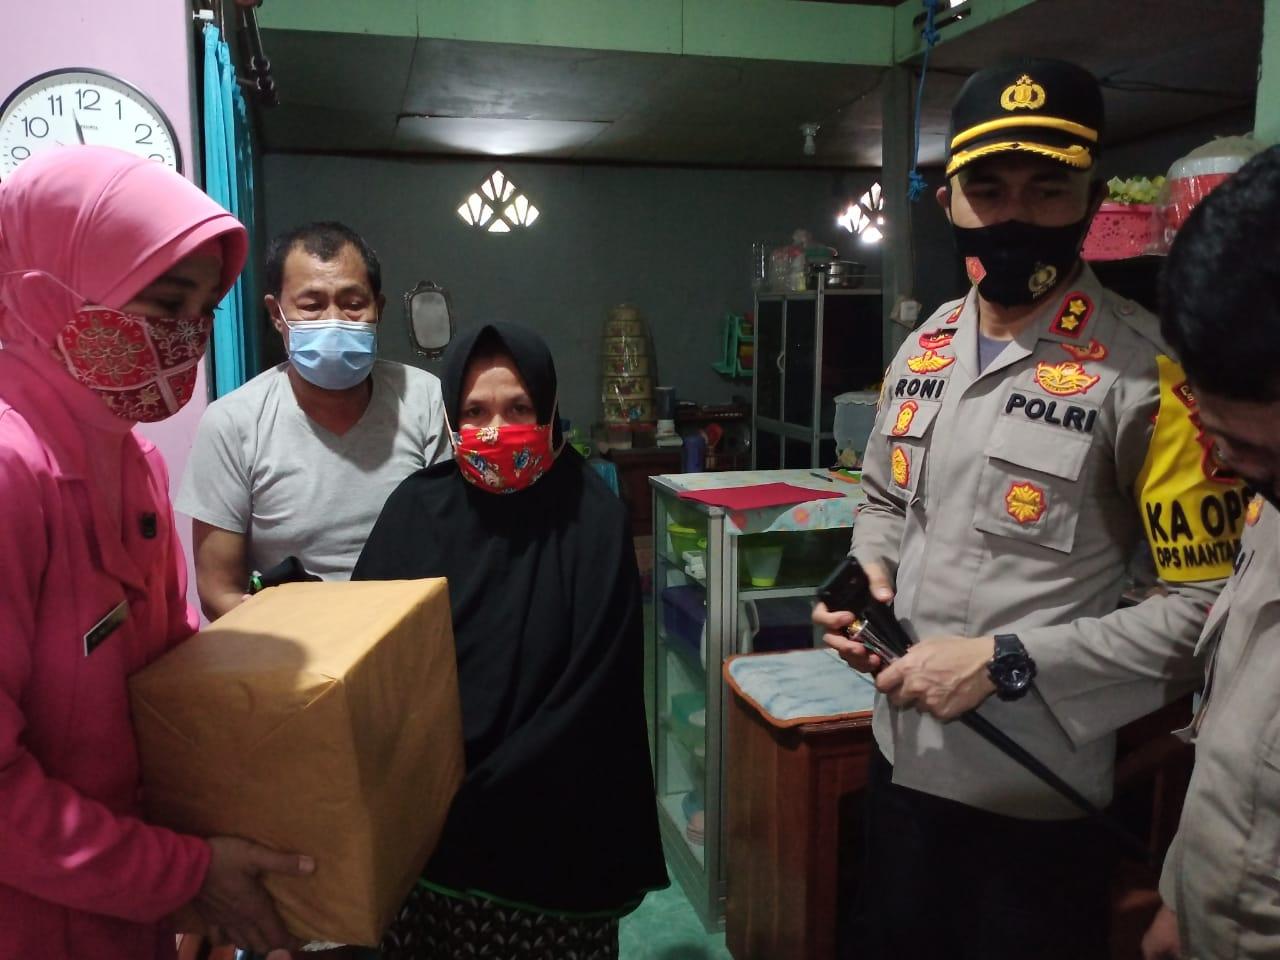 Kapolres Soppeng Bantu Personil Polri Yang Sakit